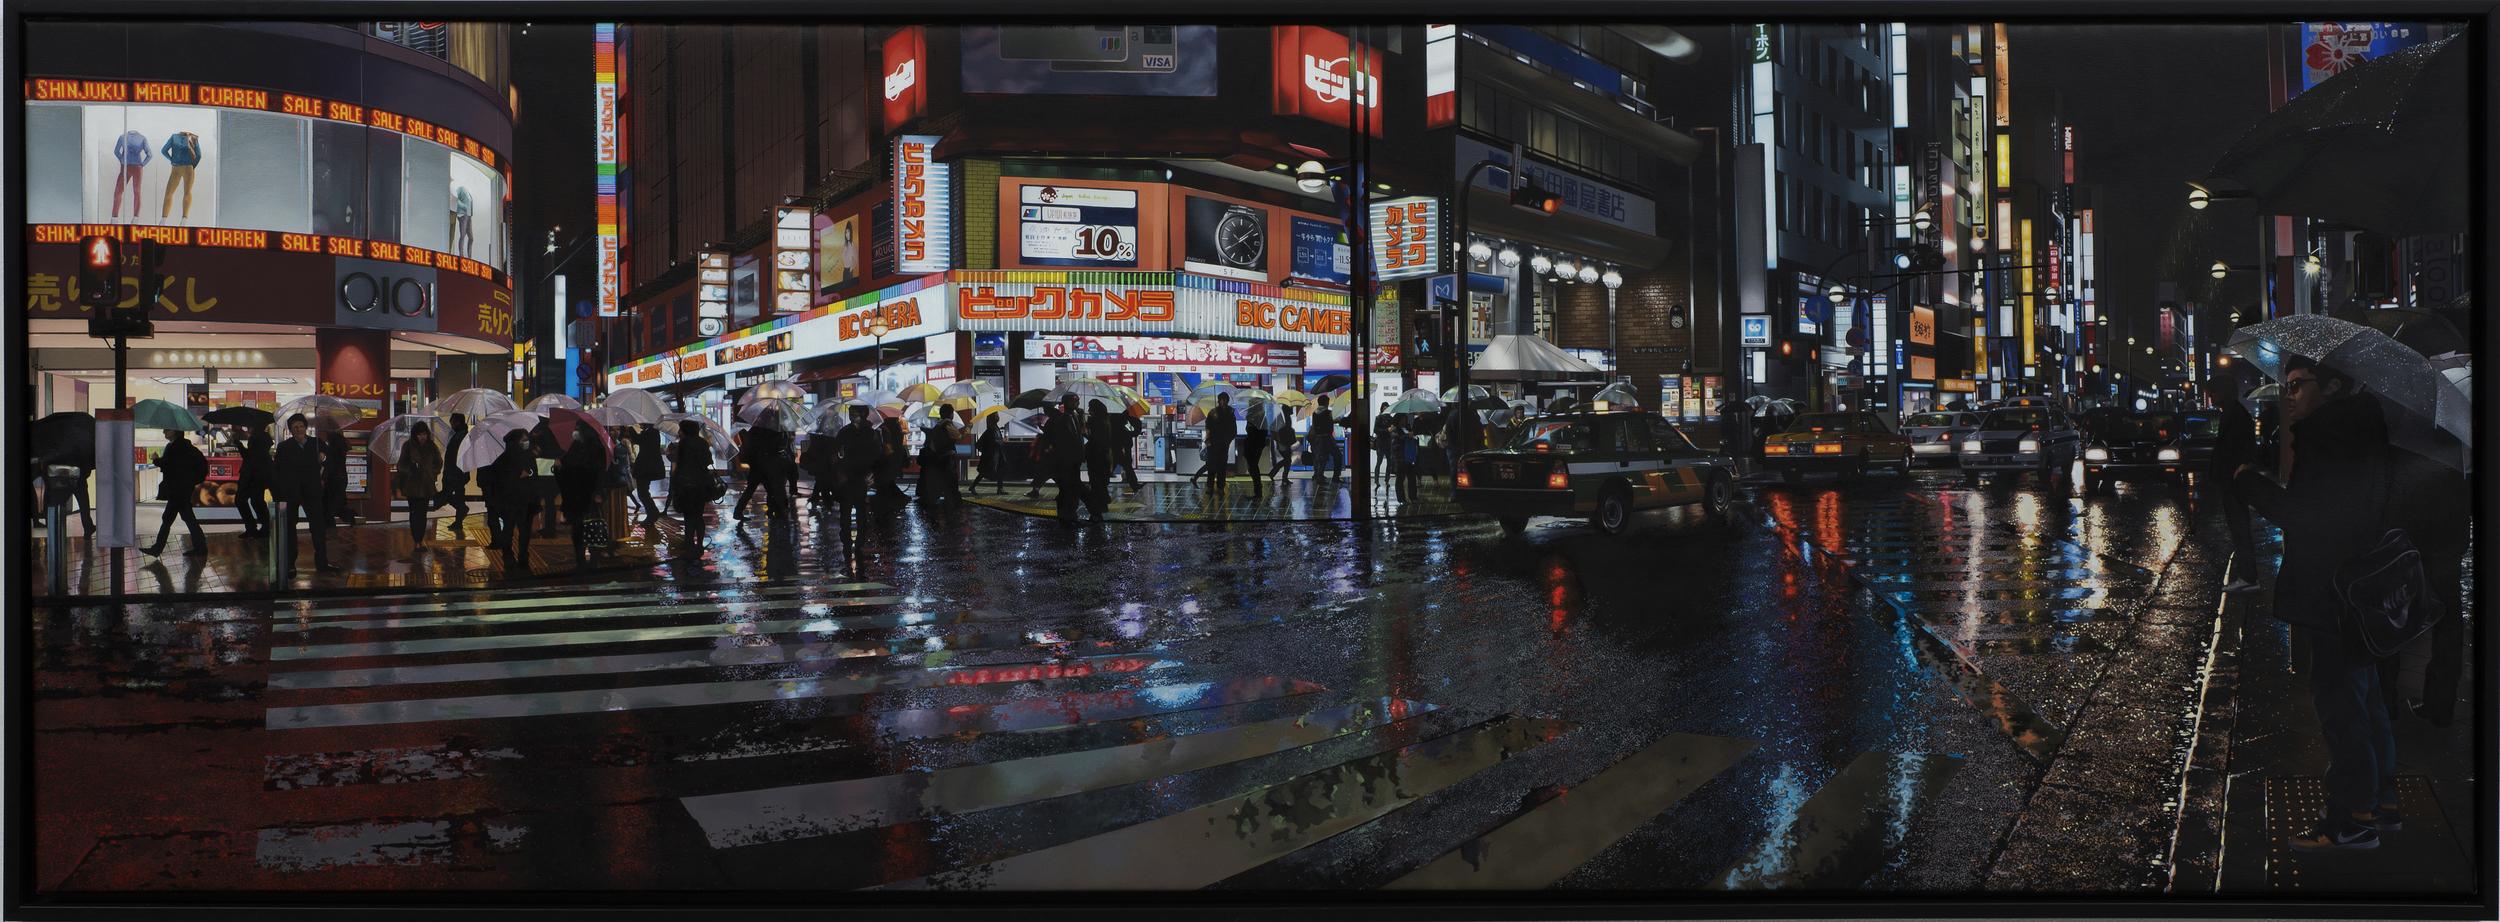 Marui - Shinjuku, Tokyo